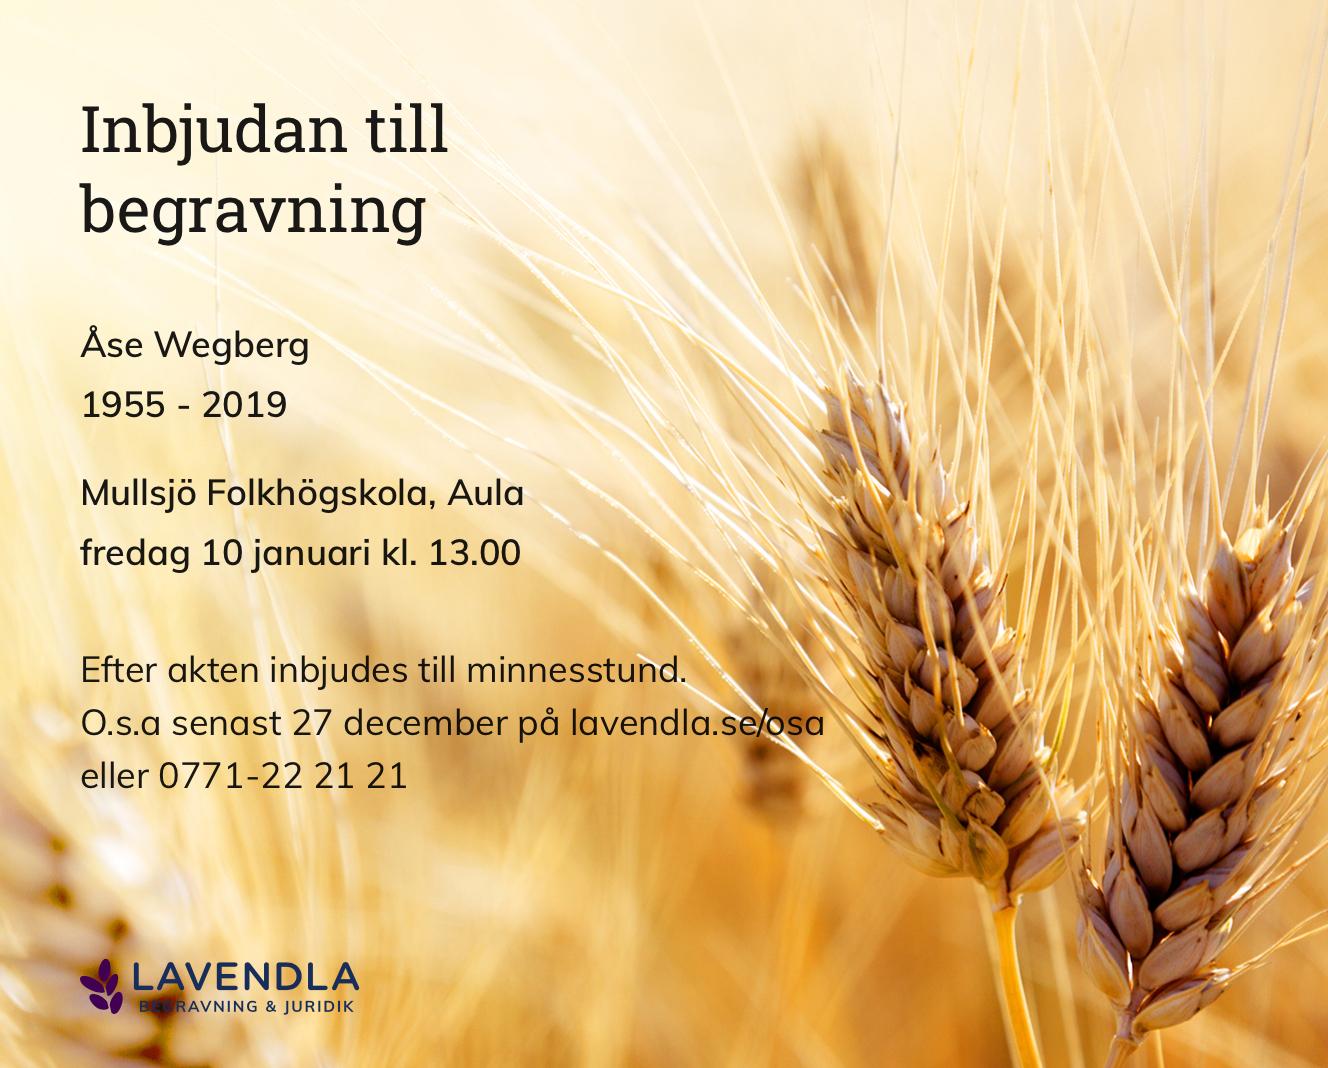 Inbjudningskort till ceremonin för Åse Wegberg